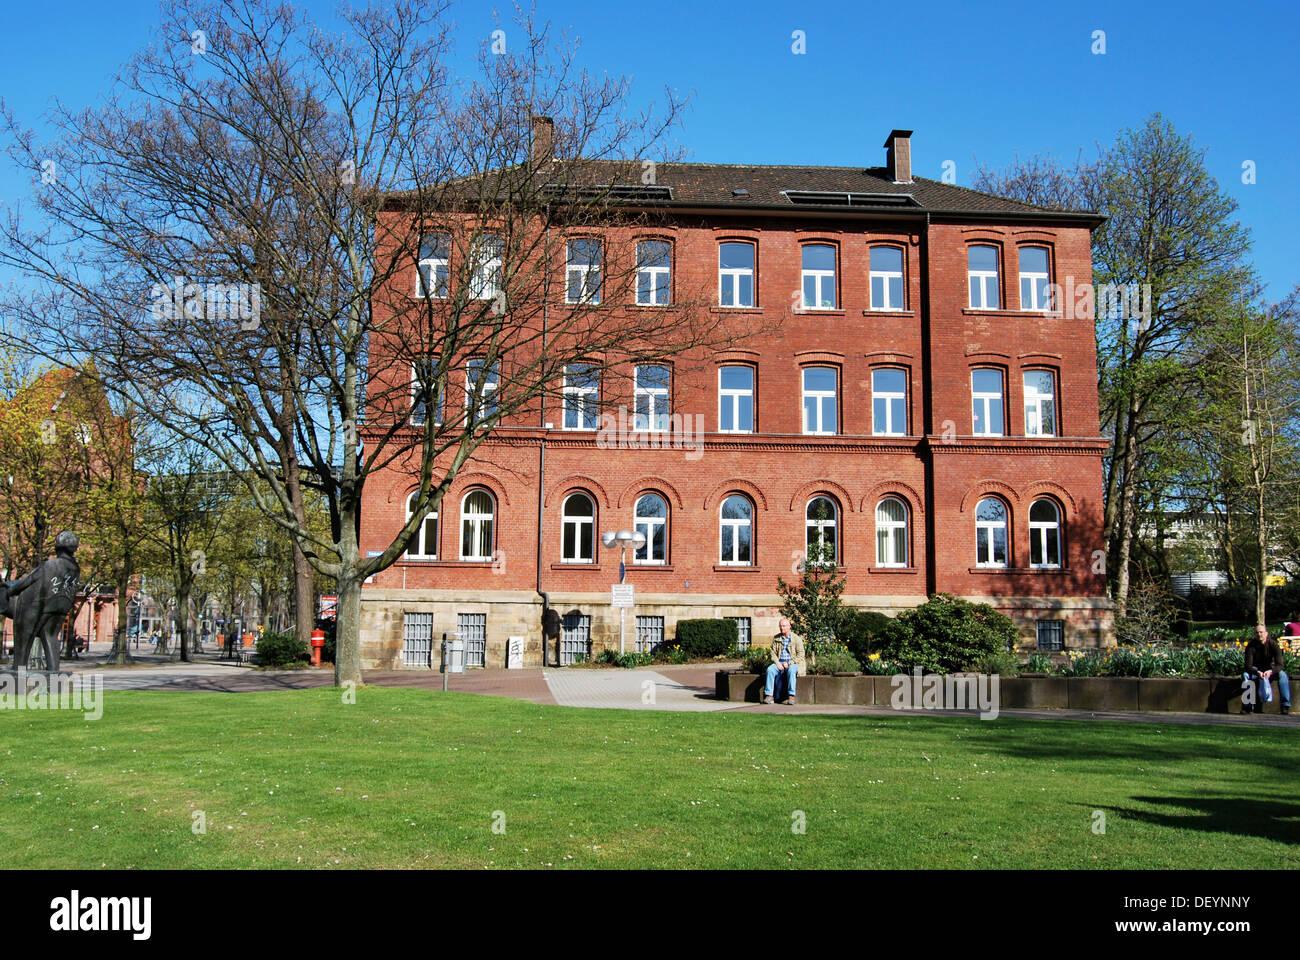 Stadtgarten stockfotos stadtgarten bilder alamy - Stadtgarten dortmund ...